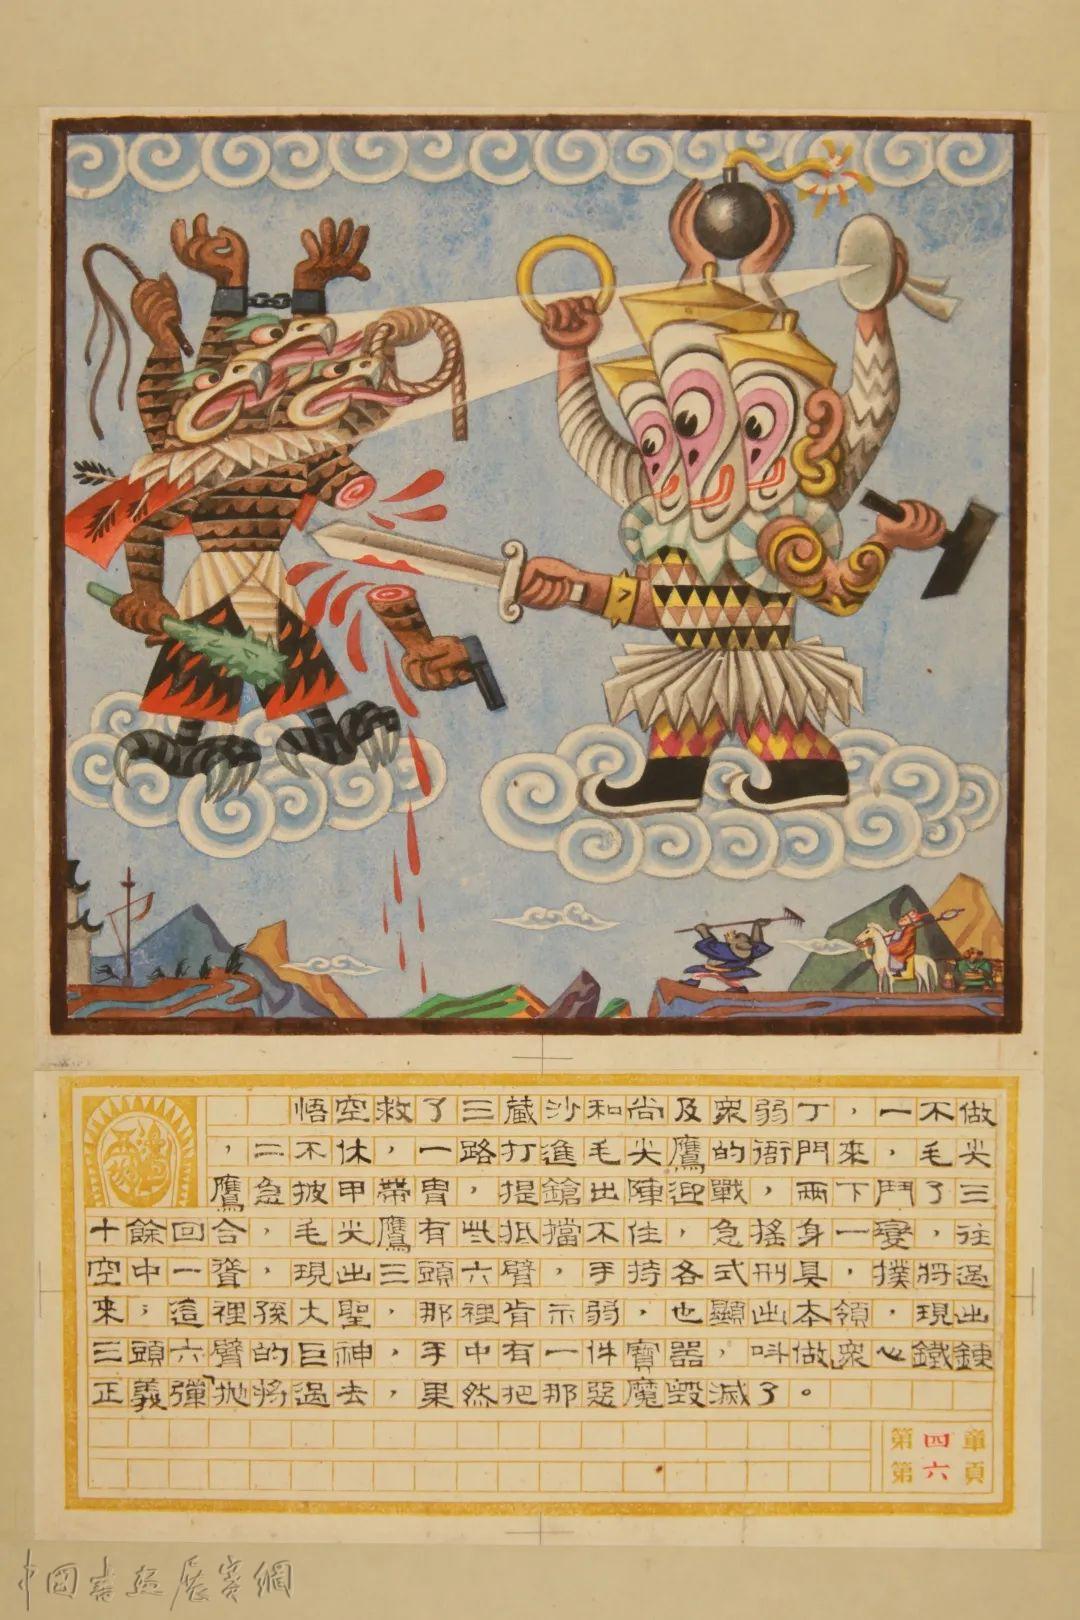 张光宇诞辰120周年:他的巨大影响,不仅仅在《大闹天宫》